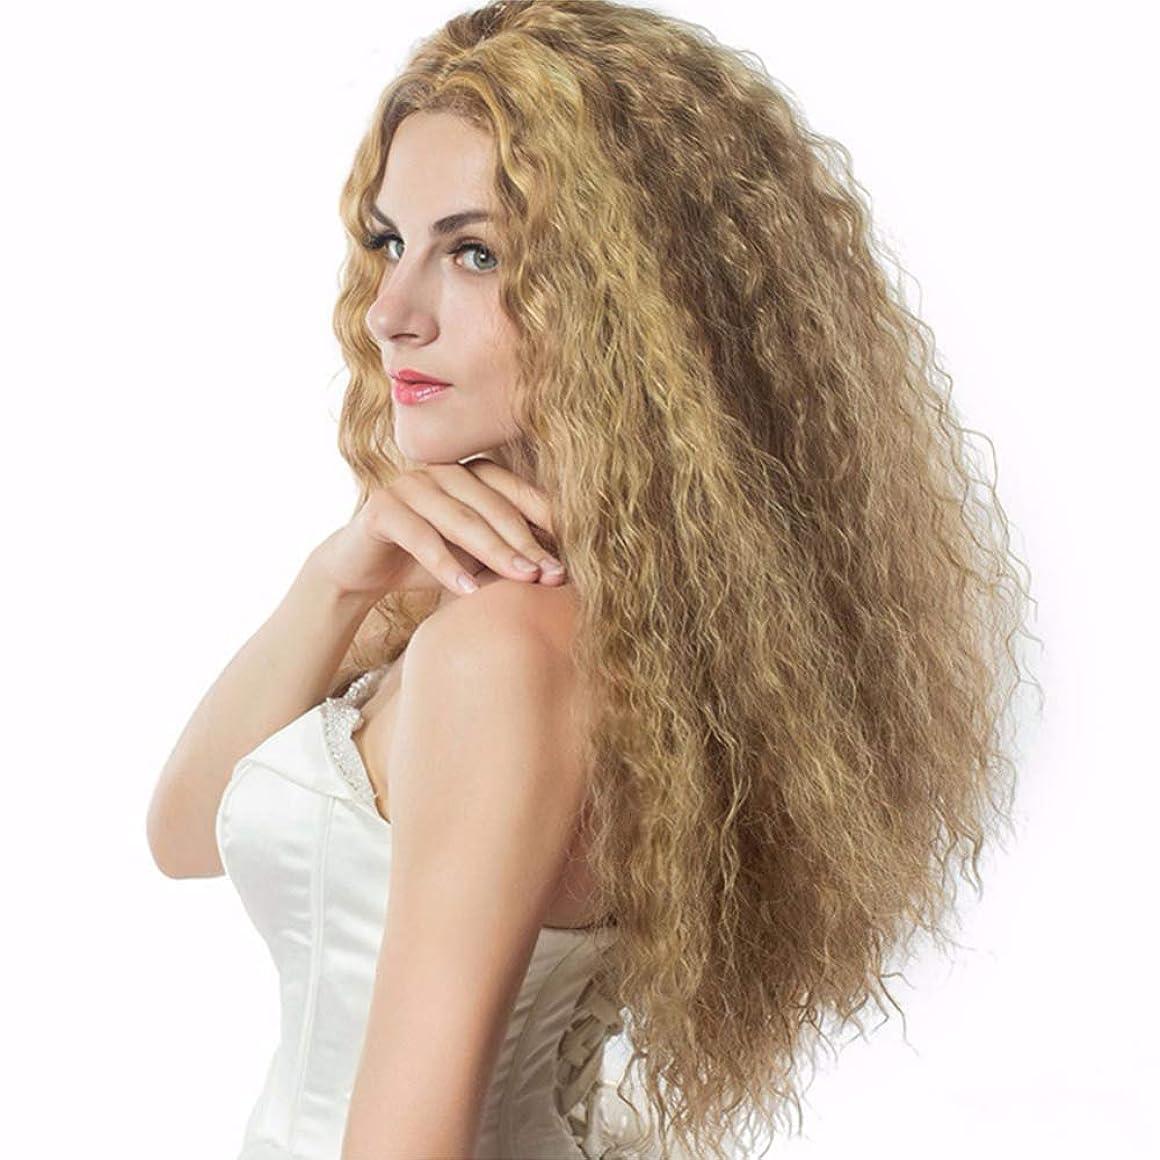 検出する乏しいモード女性かつら180%密度レースフロントかつら変態カーリーウェーブブラジルのかつらプレ摘み取られたremy髪天然生え際ゴールド56 cm